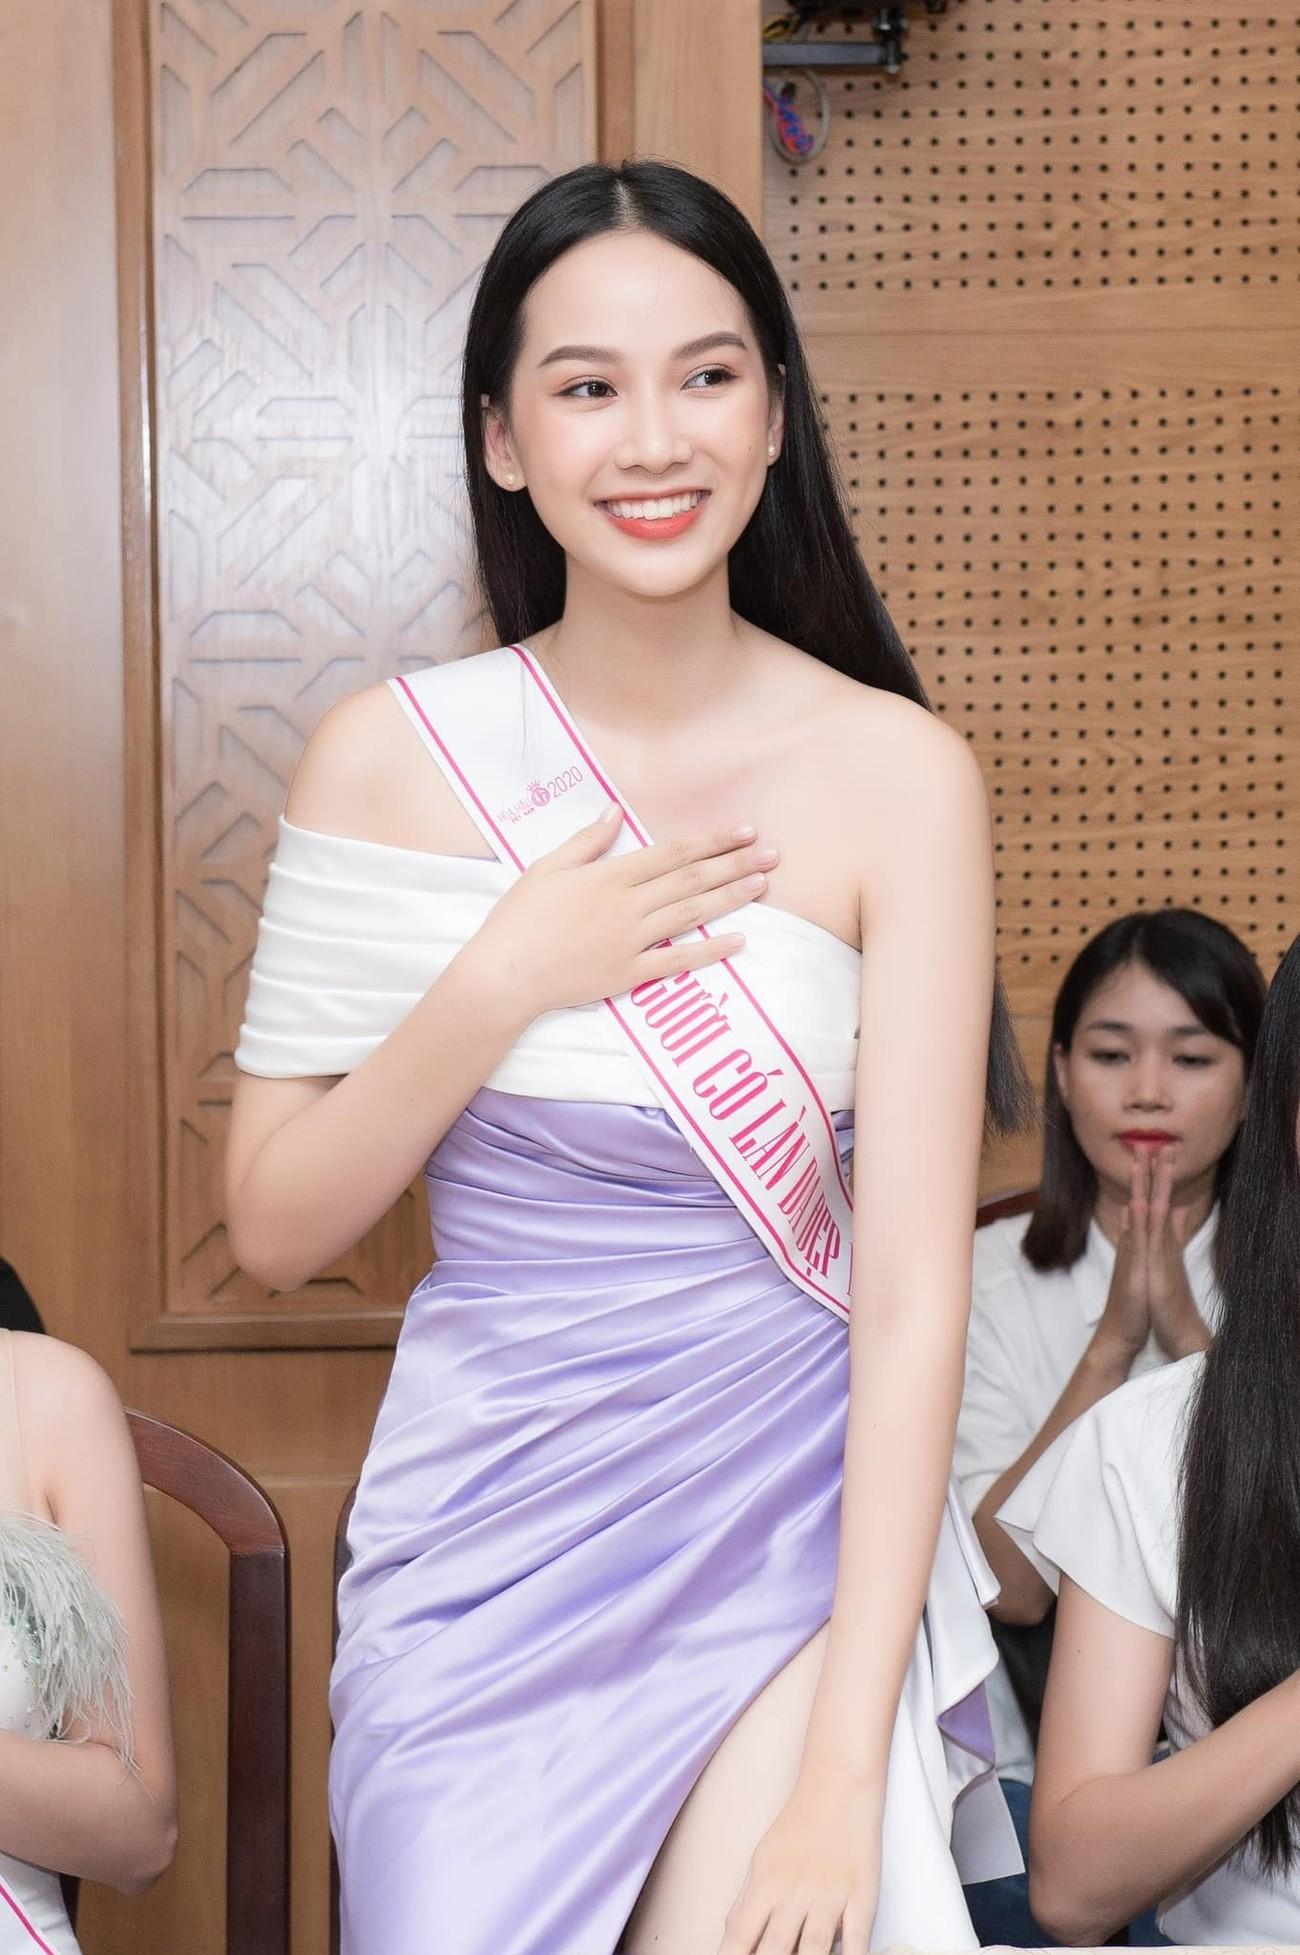 Ảnh cấp 3 cực xinh đẹp của 'Người đẹp có làn da đẹp nhất' Hoa hậu Việt Nam 2020 ảnh 13